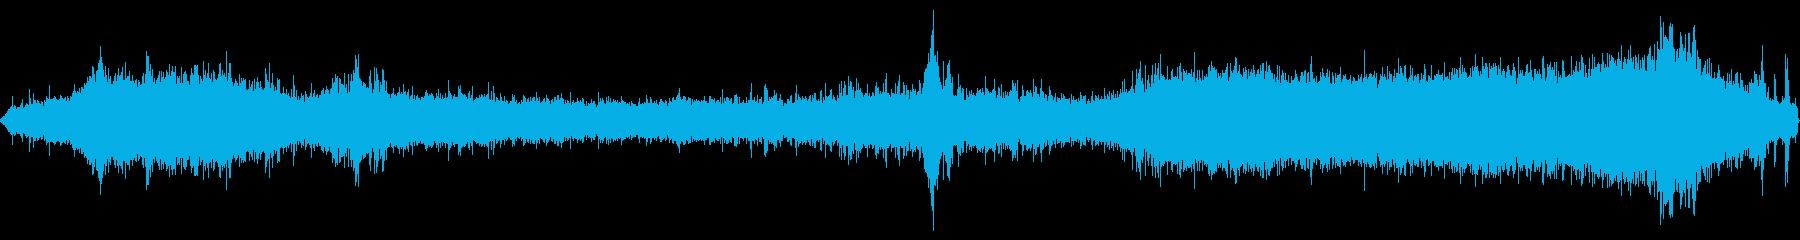 シャーマンタンク:オンボード:ドラ...の再生済みの波形